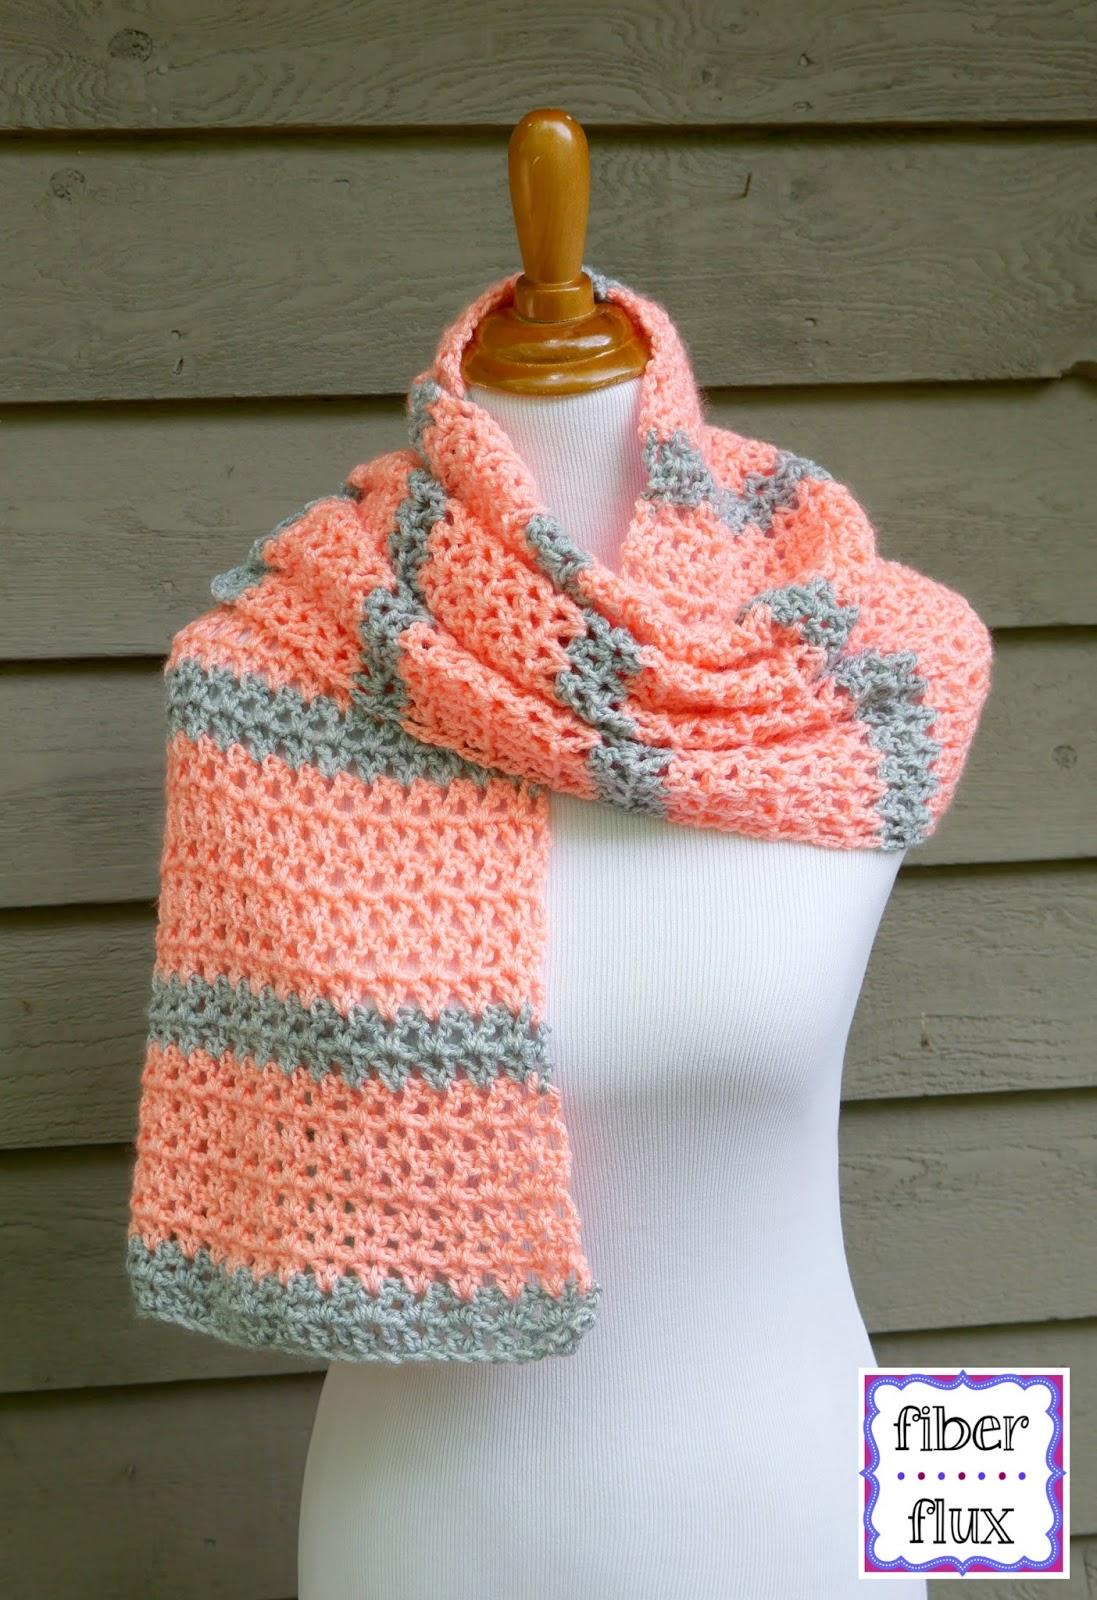 Fiber Flux Free Crochet Patterntangerine Waves Wrap